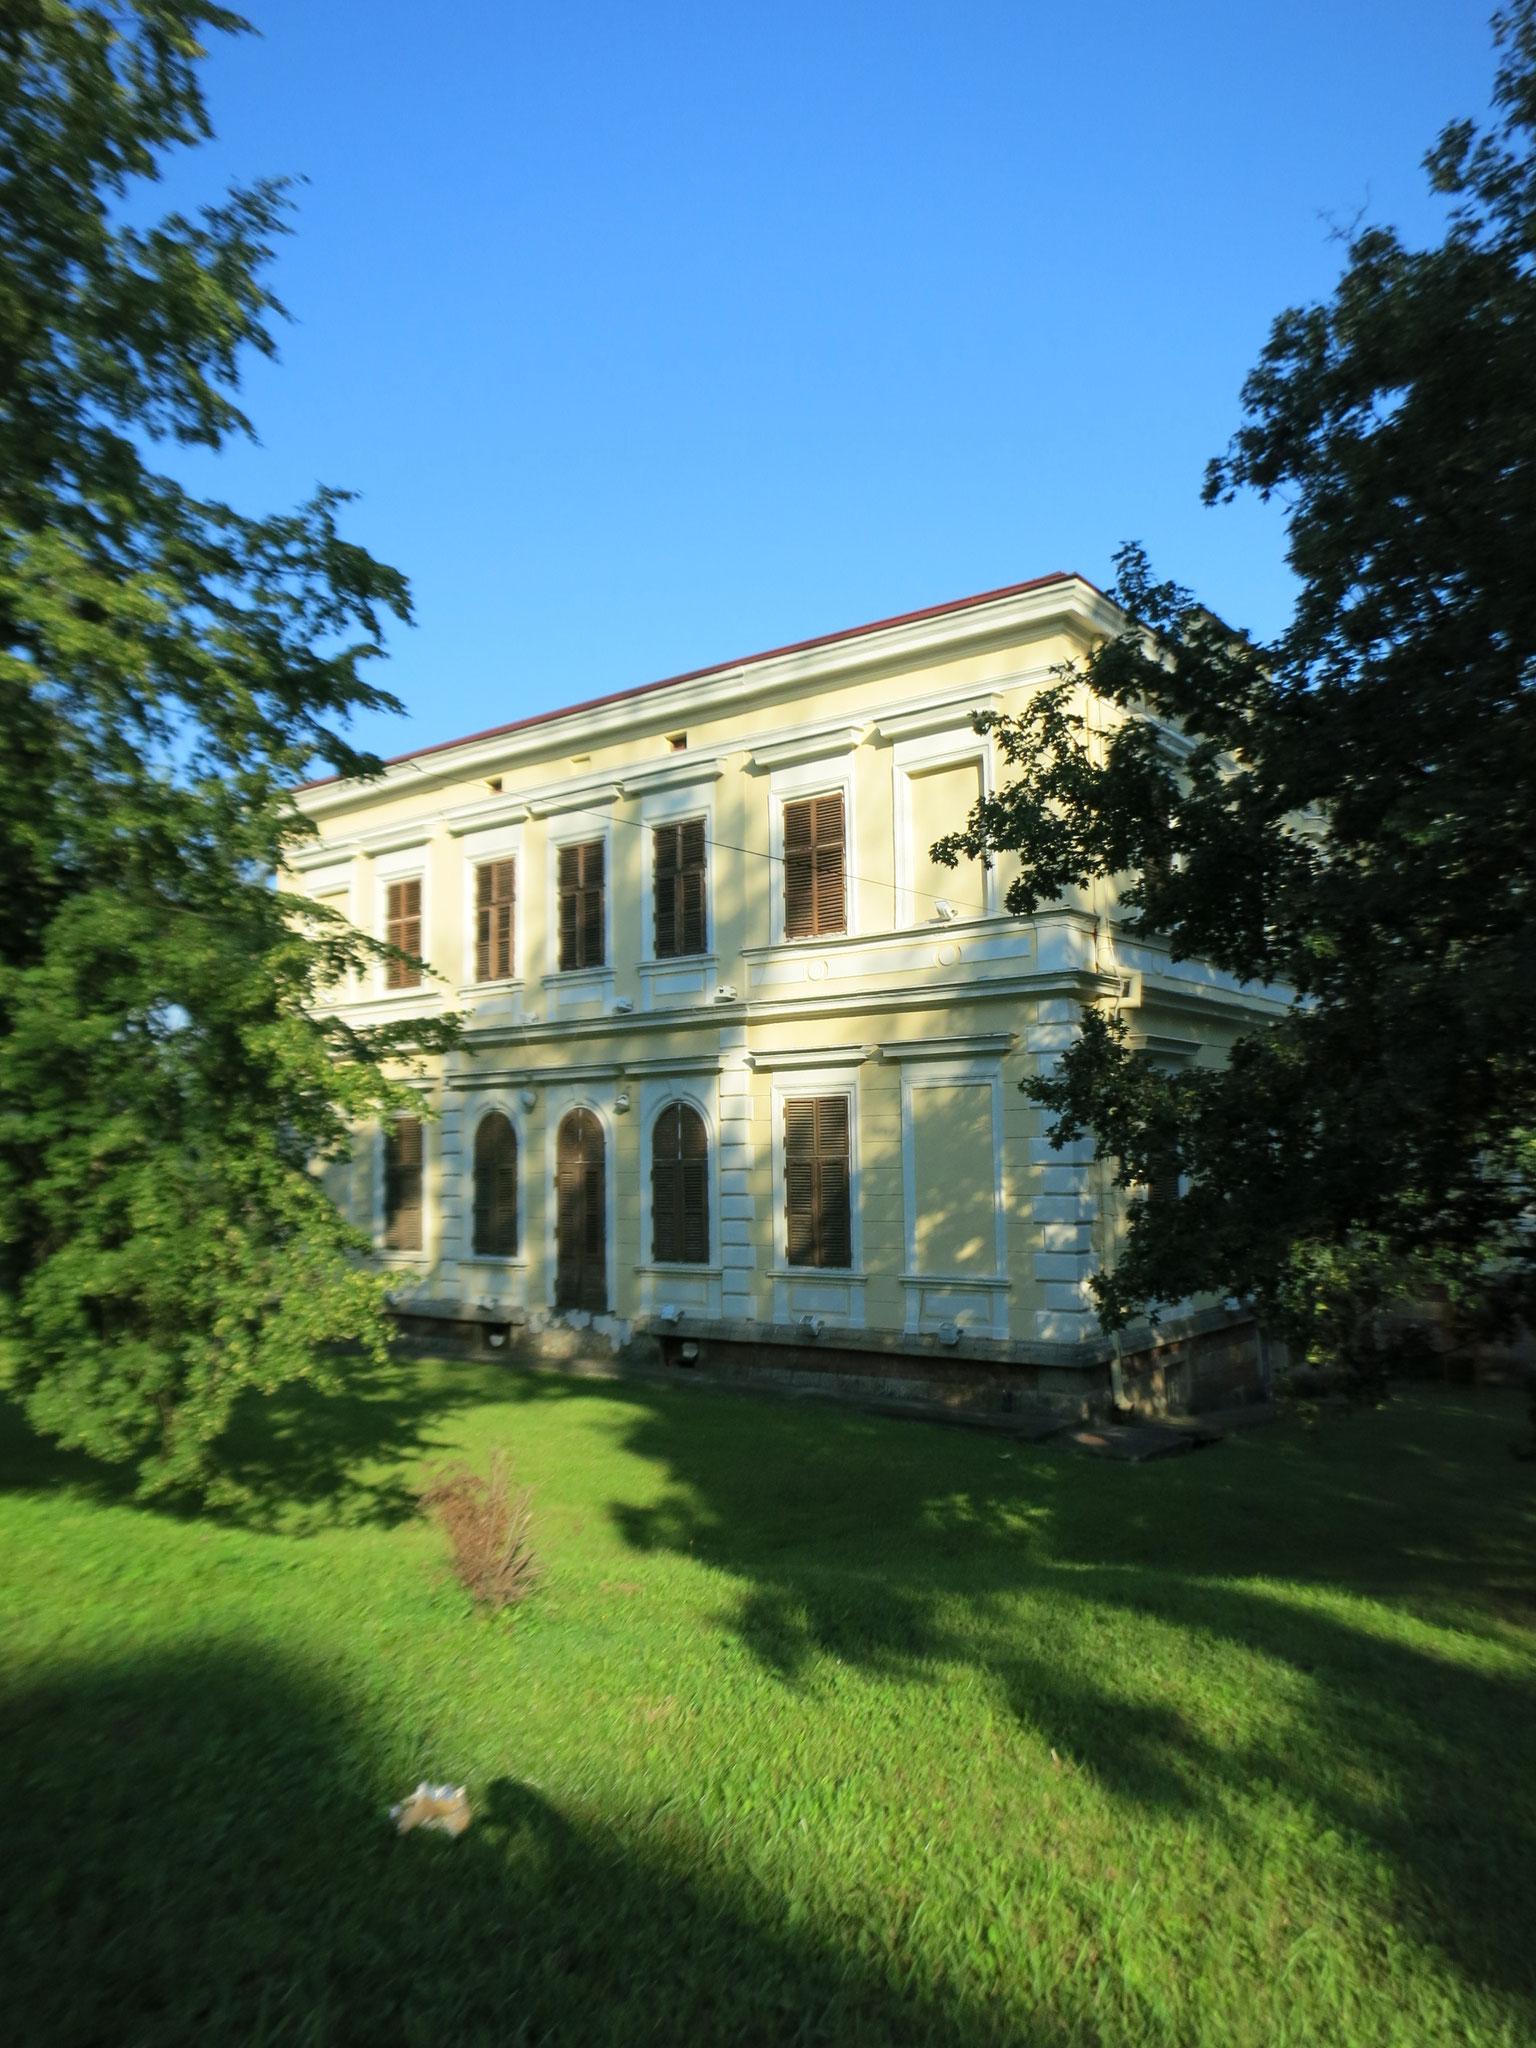 vista lateral del palacio del general J. Belimarkovic